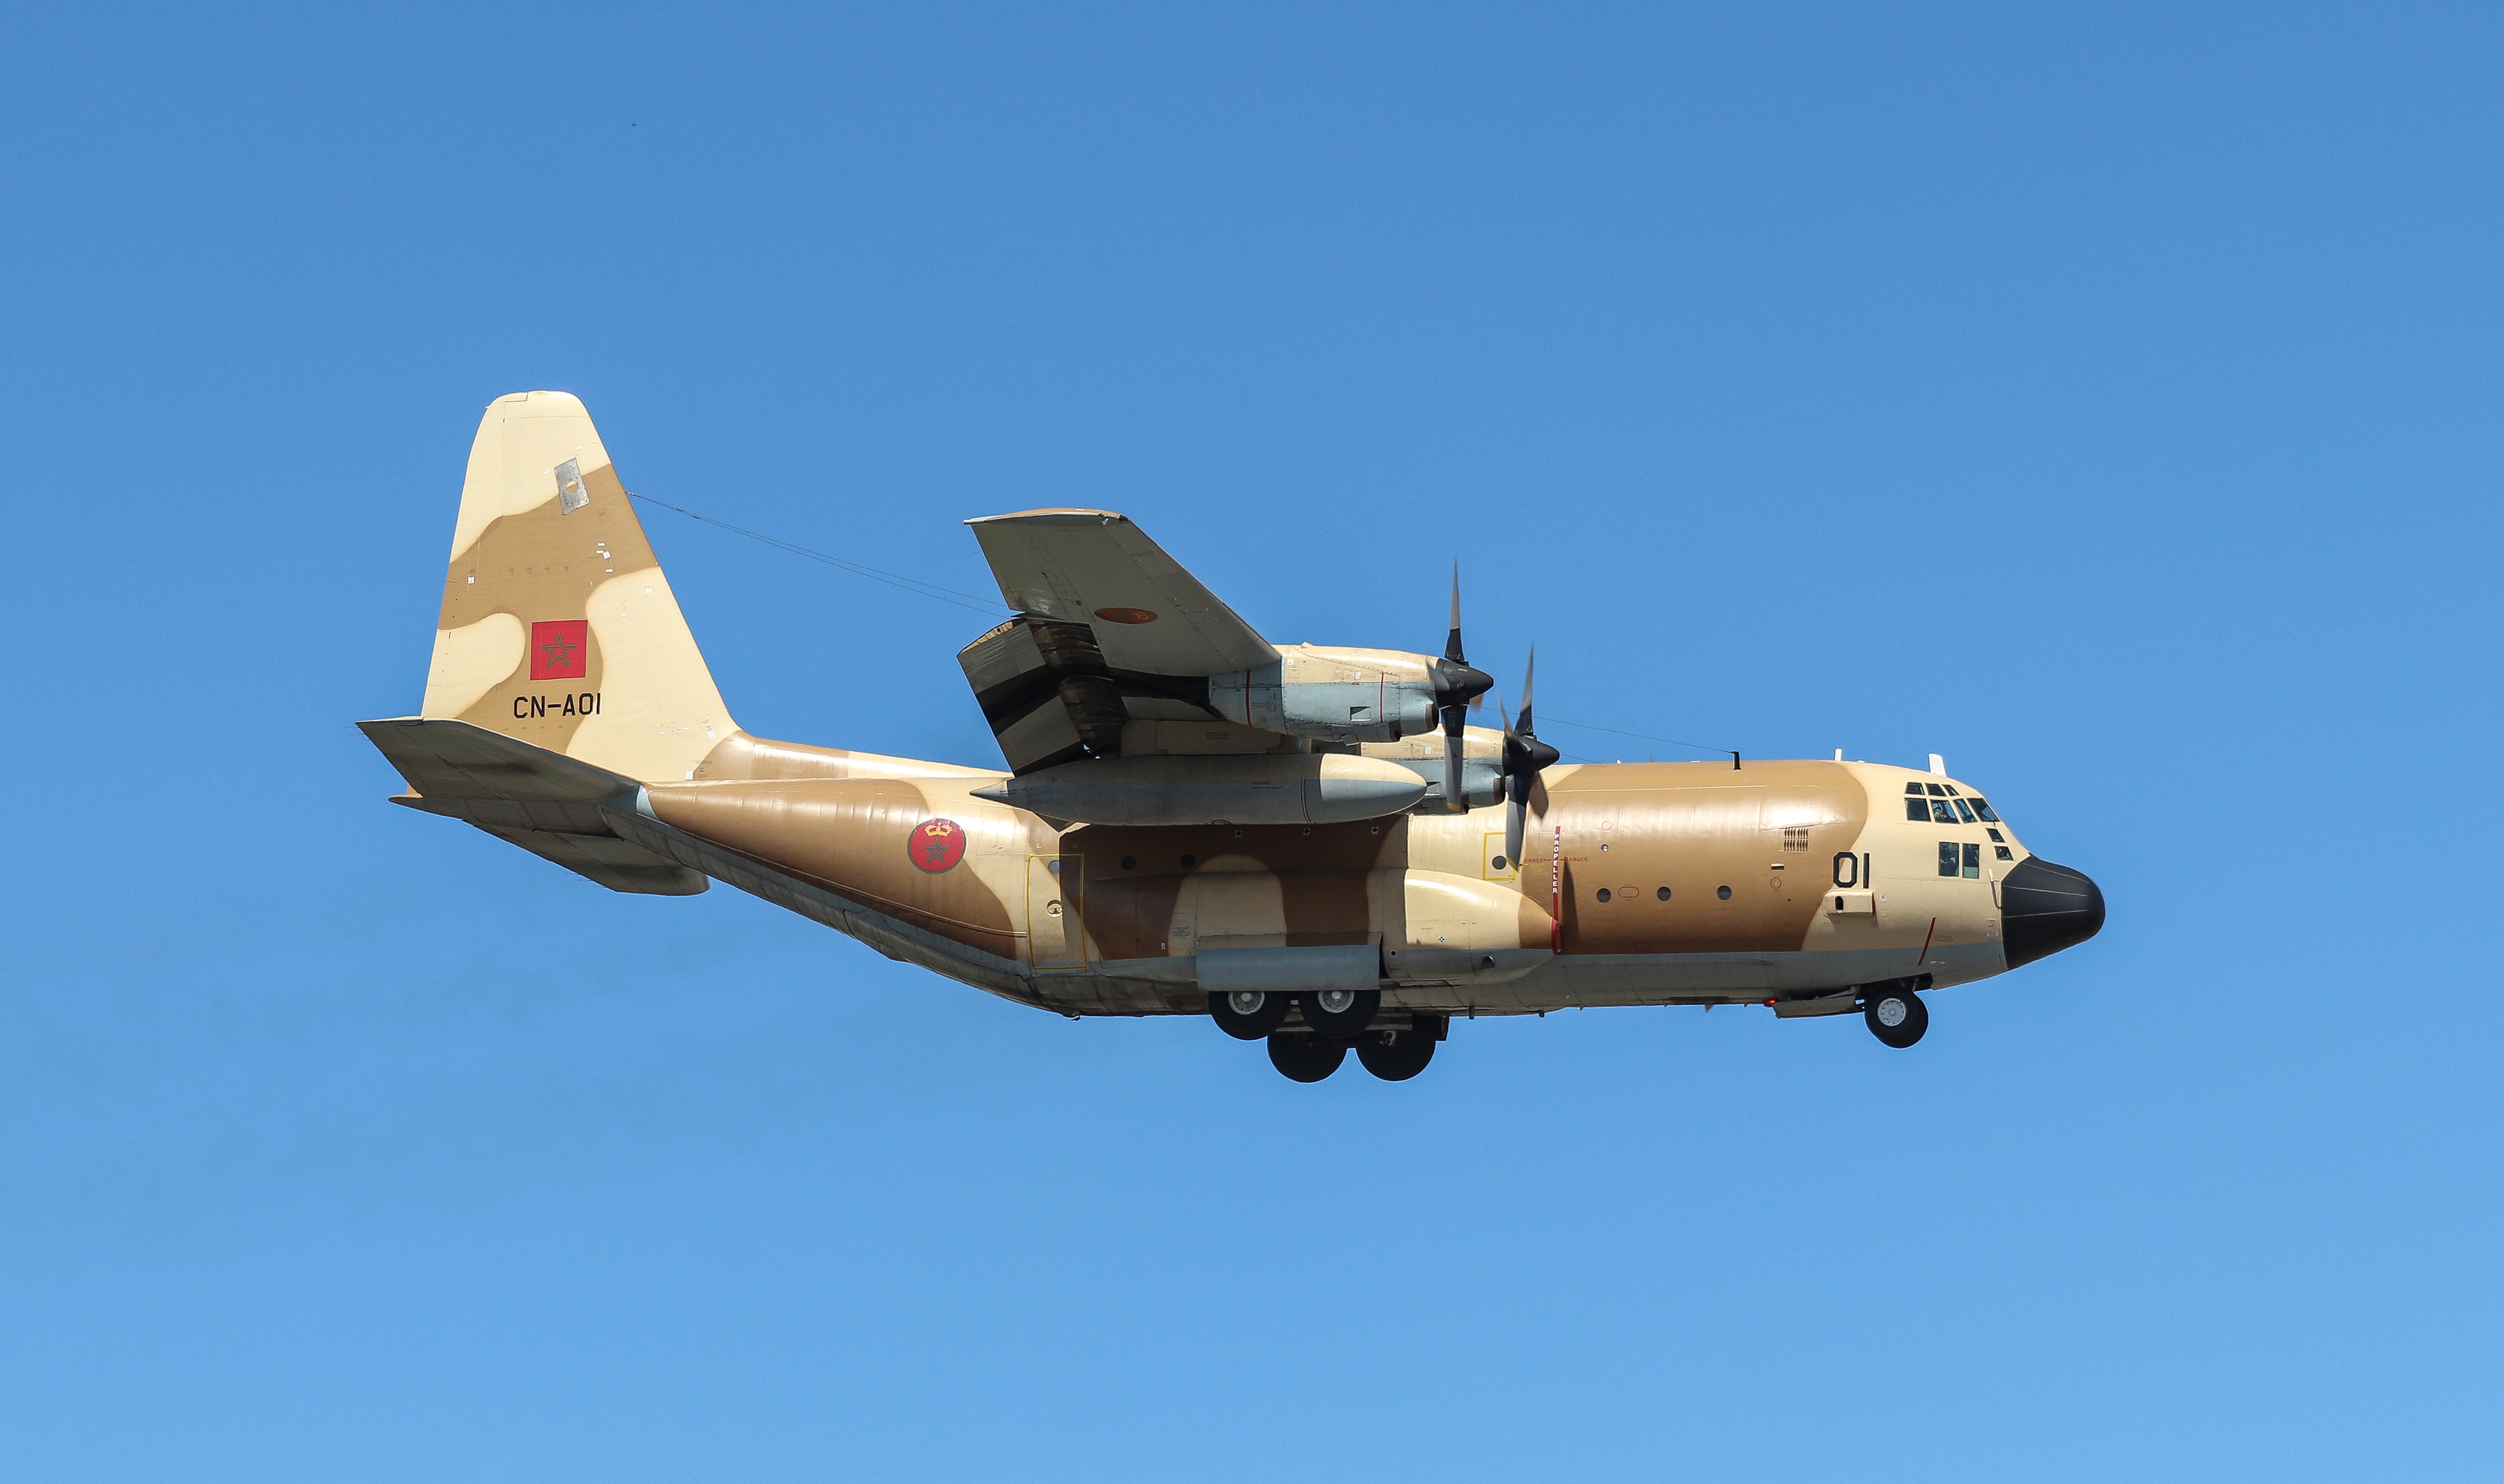 FRA: Photos d'avions de transport - Page 38 48104524702_855aebaf89_o